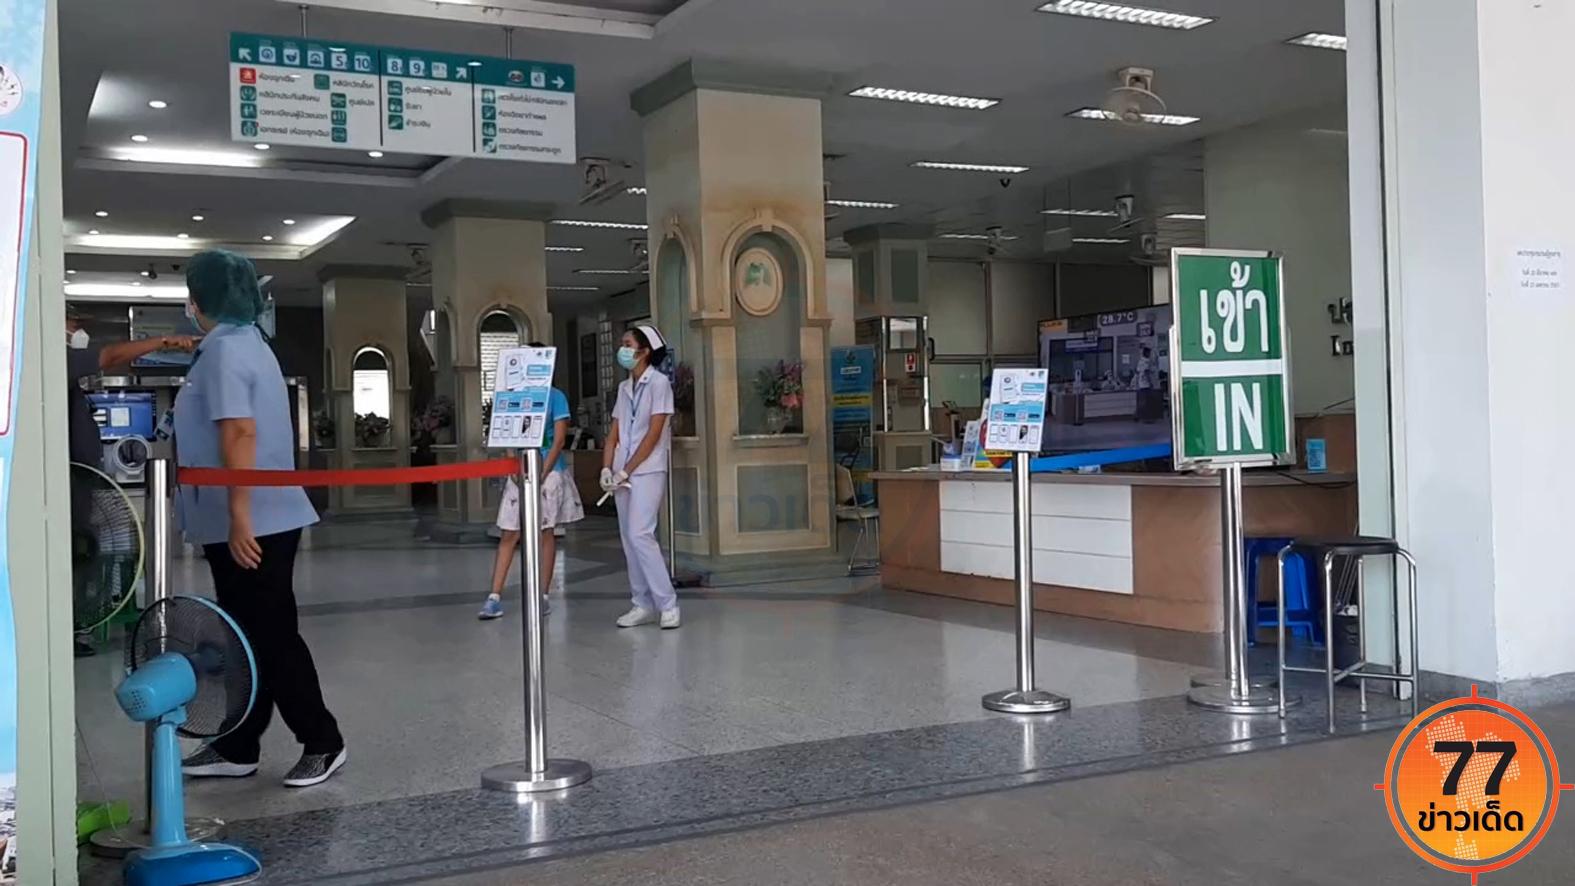 คืบหน้า ผอ.โรงพยาบาลสมุทรปราการ ติดไวรัส โควิด 19 ส่วนยี่สิบคนใกล้ชิดพ้นวิกฤตผลตรวจเป็นลบ